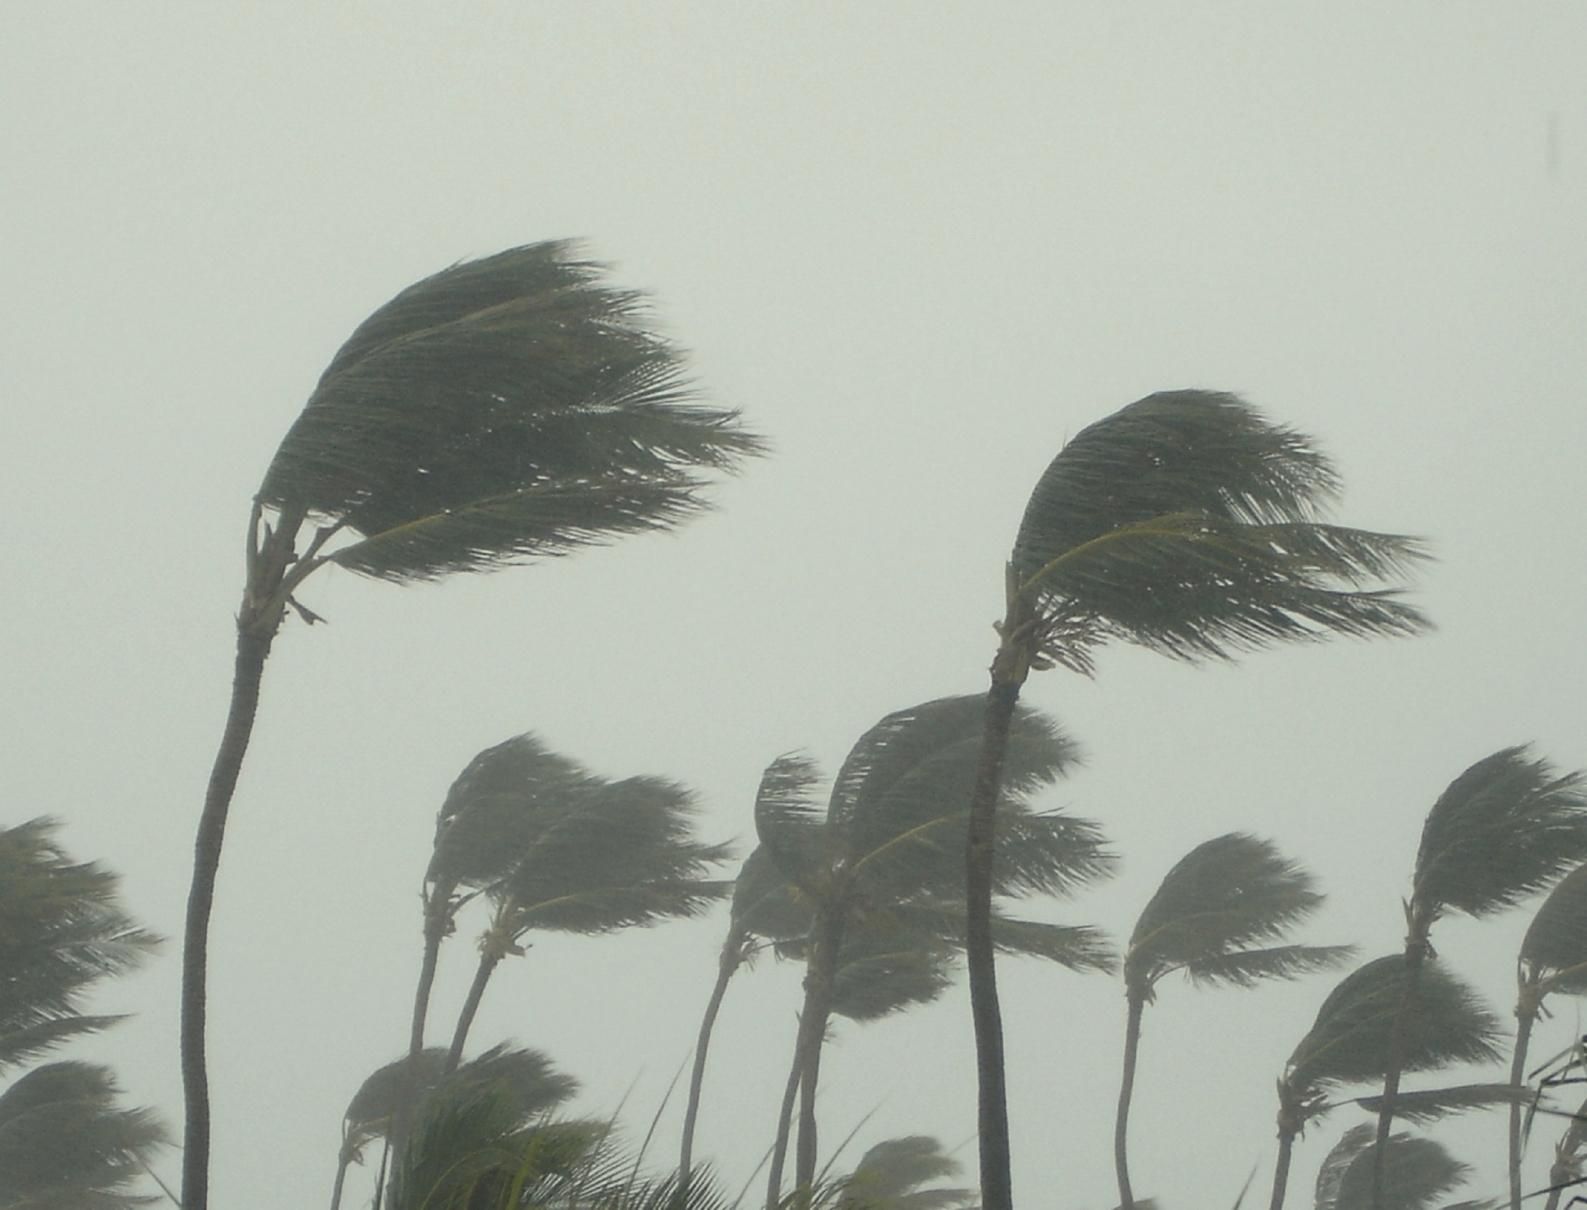 Se espera que en las próximas horas el huracán se convierta en tormenta tropical